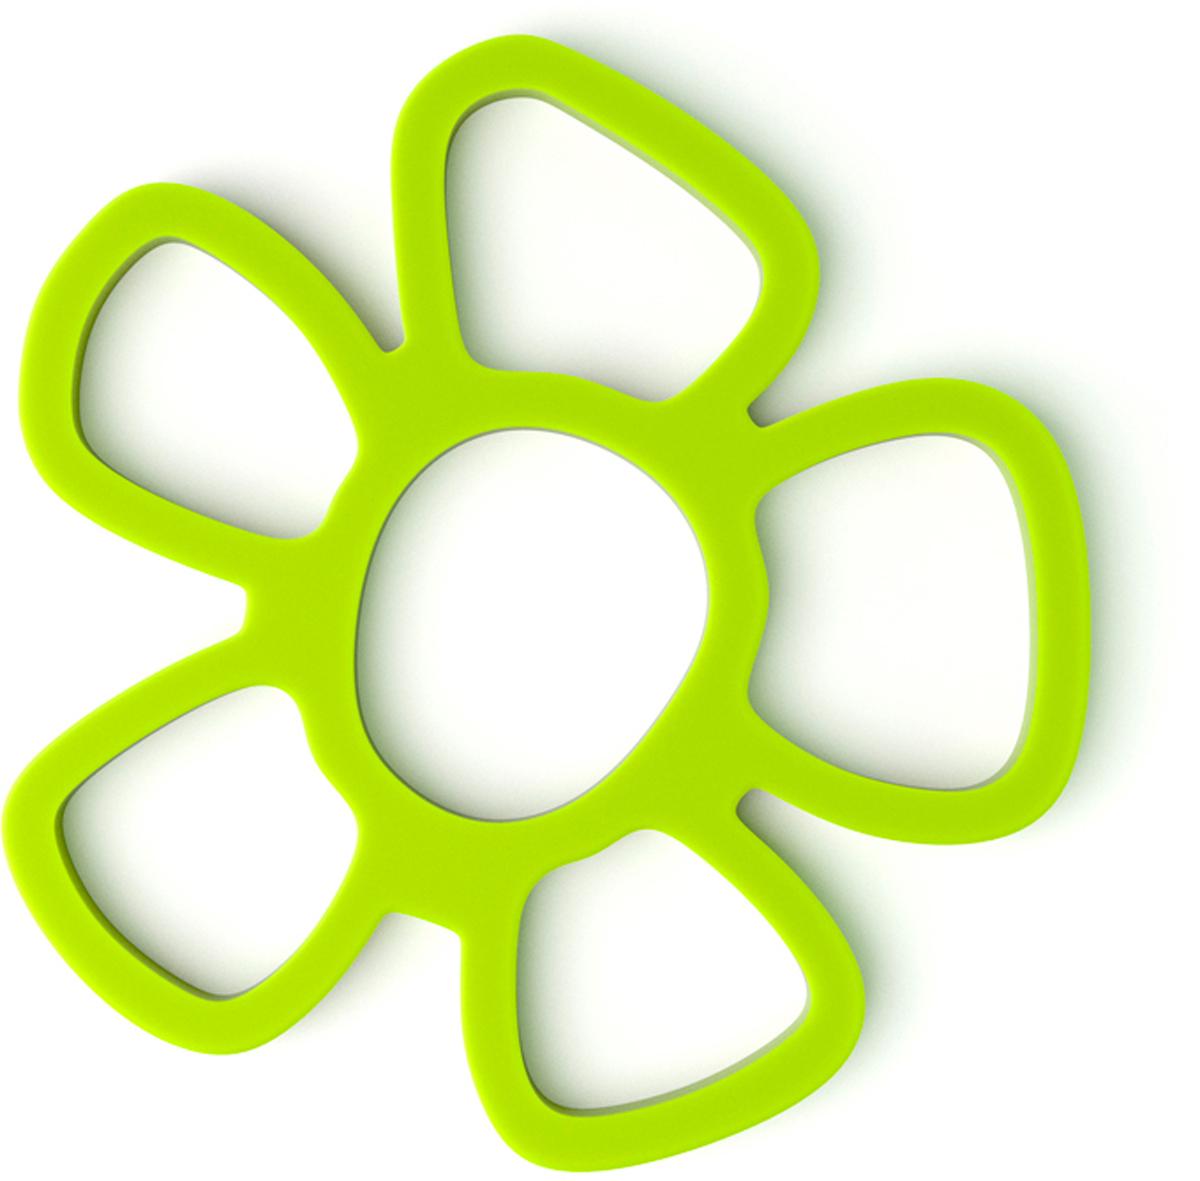 Подставка под горячее Balvi Daisy, магнитная, цвет: зеленый26178Многофункциональная магнитная подставка Daisy пригодится на кухне любой хозяйке. Она выполнена из силикона. Прикрепив подставку кметаллической поверхности, выможете разместить на ней горячие кухонные предметы - чашки, кастрюли, сковородки. Благодаря магниту подставка отлично крепится кметаллической поверхности и не скользит по ней. Плюс ко всему, подставка может послужить отличным украшением на кухне. Стильная зеленаяподставка под горячее Daisy облегчит жизнь любой хозяйке, а заодно поднимет настроение своим ярким и позитивным дизайном в виде цветка.- Подставка крепится к металлической поверхности с помощью магнита. - Яркий и привлекательный дизайн в виде цветка. - Можно использовать под горячие кастрюли, чайник, сковородки и т.п.